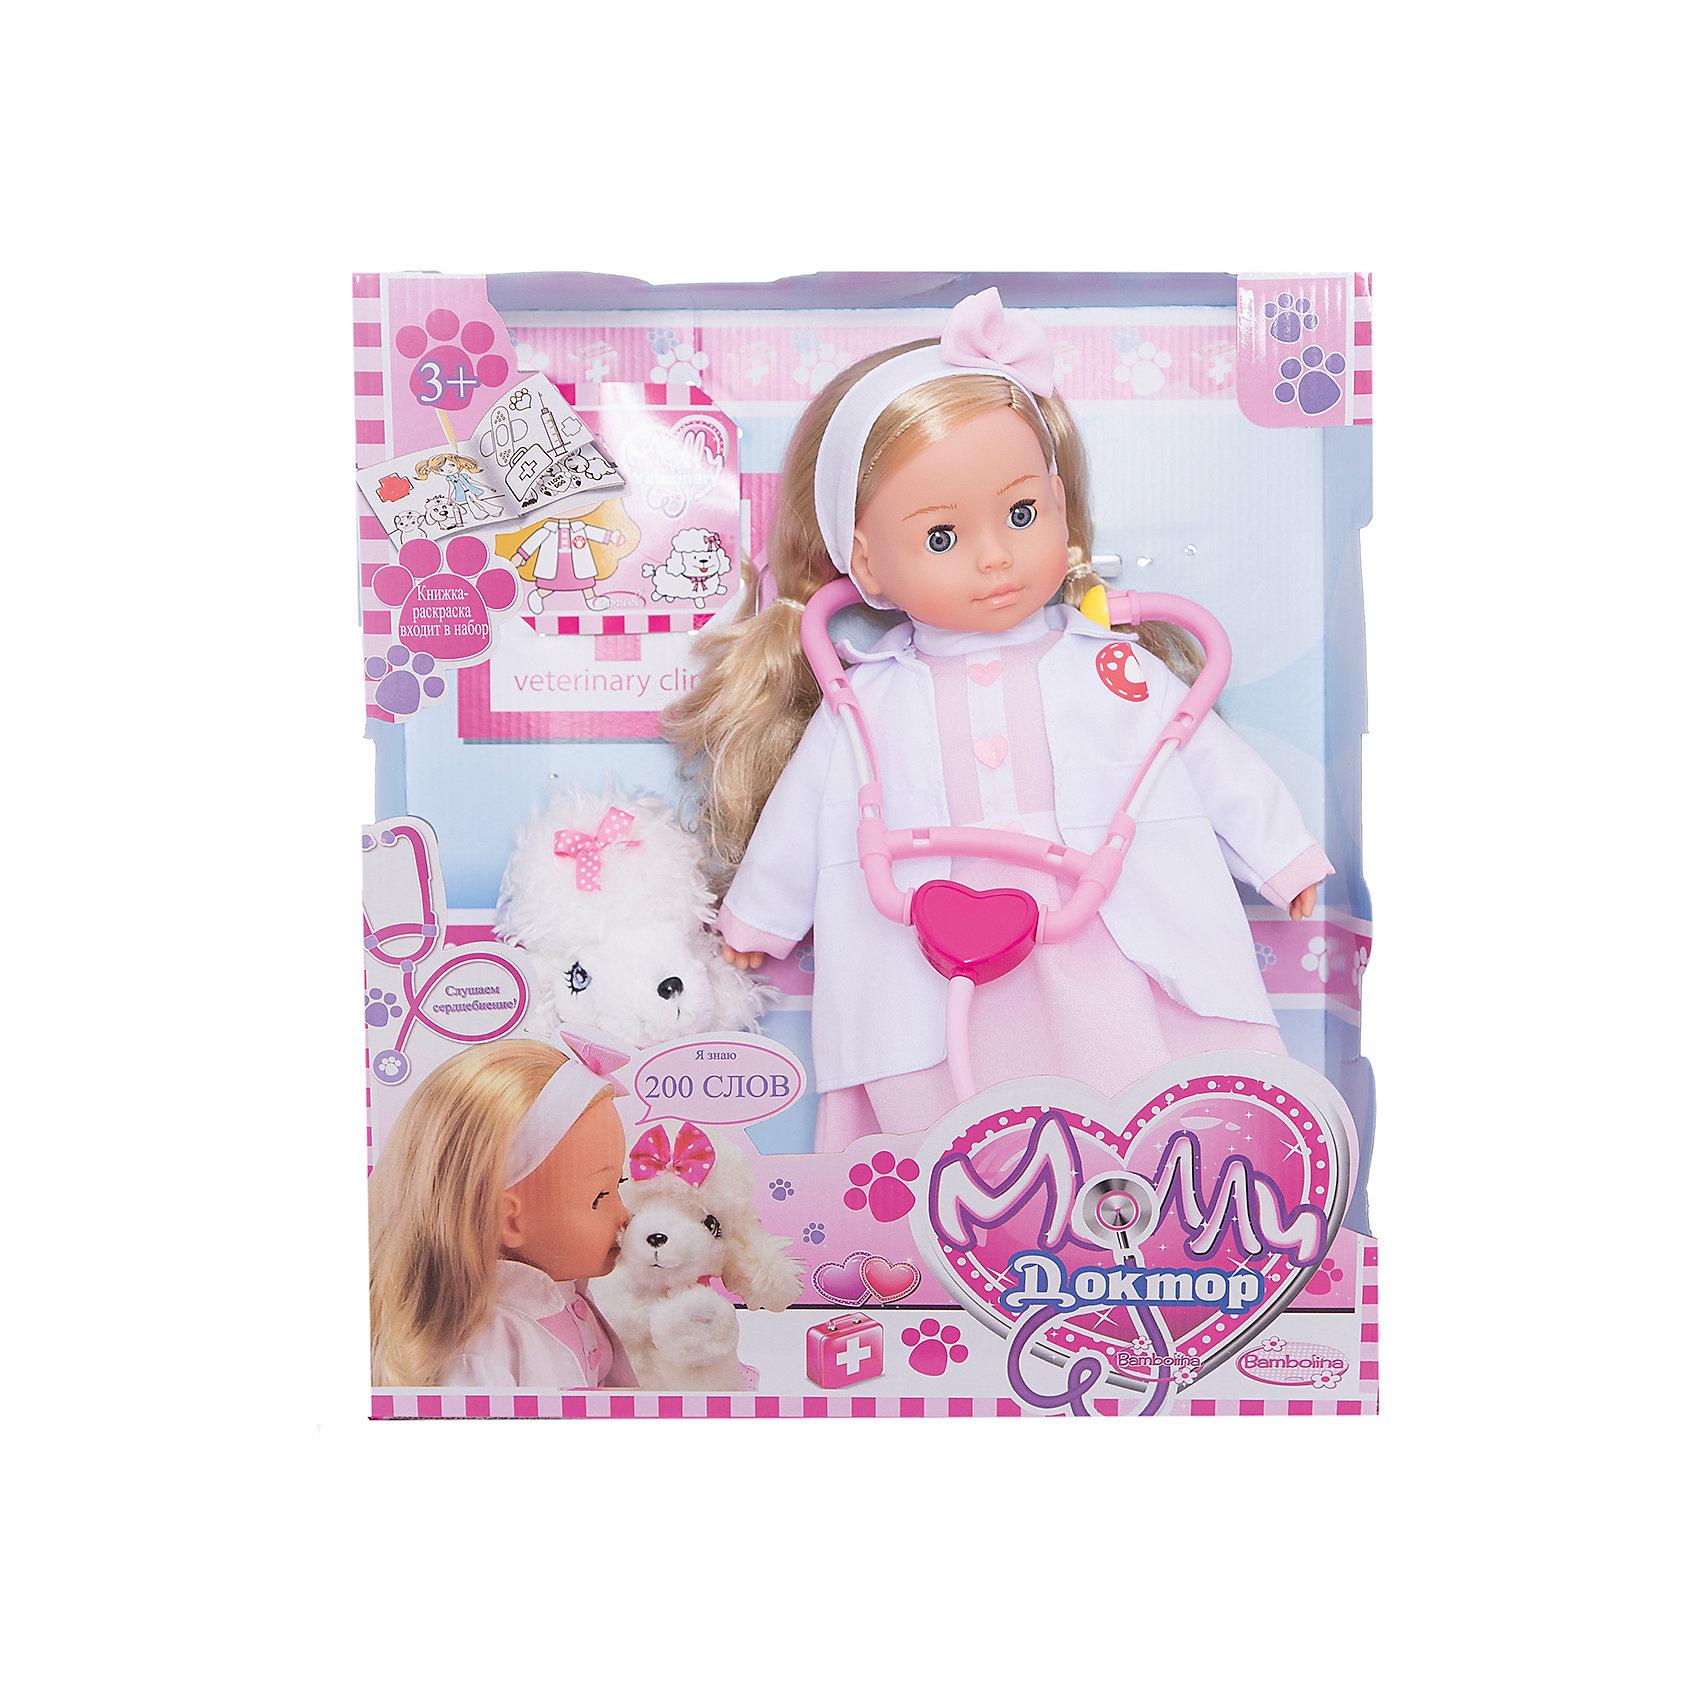 Интерактивная кукла Dimian Bambolina. Доктор Молли с собачкой, 40 смКуклы<br>Интерактивная кукла Bambolina Молли Доктор, 40 см<br><br>Кукла частично мягконабивная, конечности и голова изготовлены из ПВХ,<br>в розовом платье и в халате, имеет роскошные прочные волосы, <br>которые легко расчесываются и укладываются.<br>В наборе с собачкой,  стетоскопом  и другими аксессуарами.<br><br>Функции:<br>- кукла произносит 200 слов<br>- стетоскоп имеет мигающую подсветку и звук биения сердца.<br><br>Дополнительно:<br>Необходимы 3 батарейки типа LR44 (входят в комплект) для куклы и 2 батарейки типа LR44 для стетоскопа (входят в комплект и не подлежат замене), от 3х лет.<br>Инструкция находится внутри коробки.<br><br>Ширина мм: 380<br>Глубина мм: 130<br>Высота мм: 430<br>Вес г: 1125<br>Возраст от месяцев: 36<br>Возраст до месяцев: 144<br>Пол: Женский<br>Возраст: Детский<br>SKU: 7139059